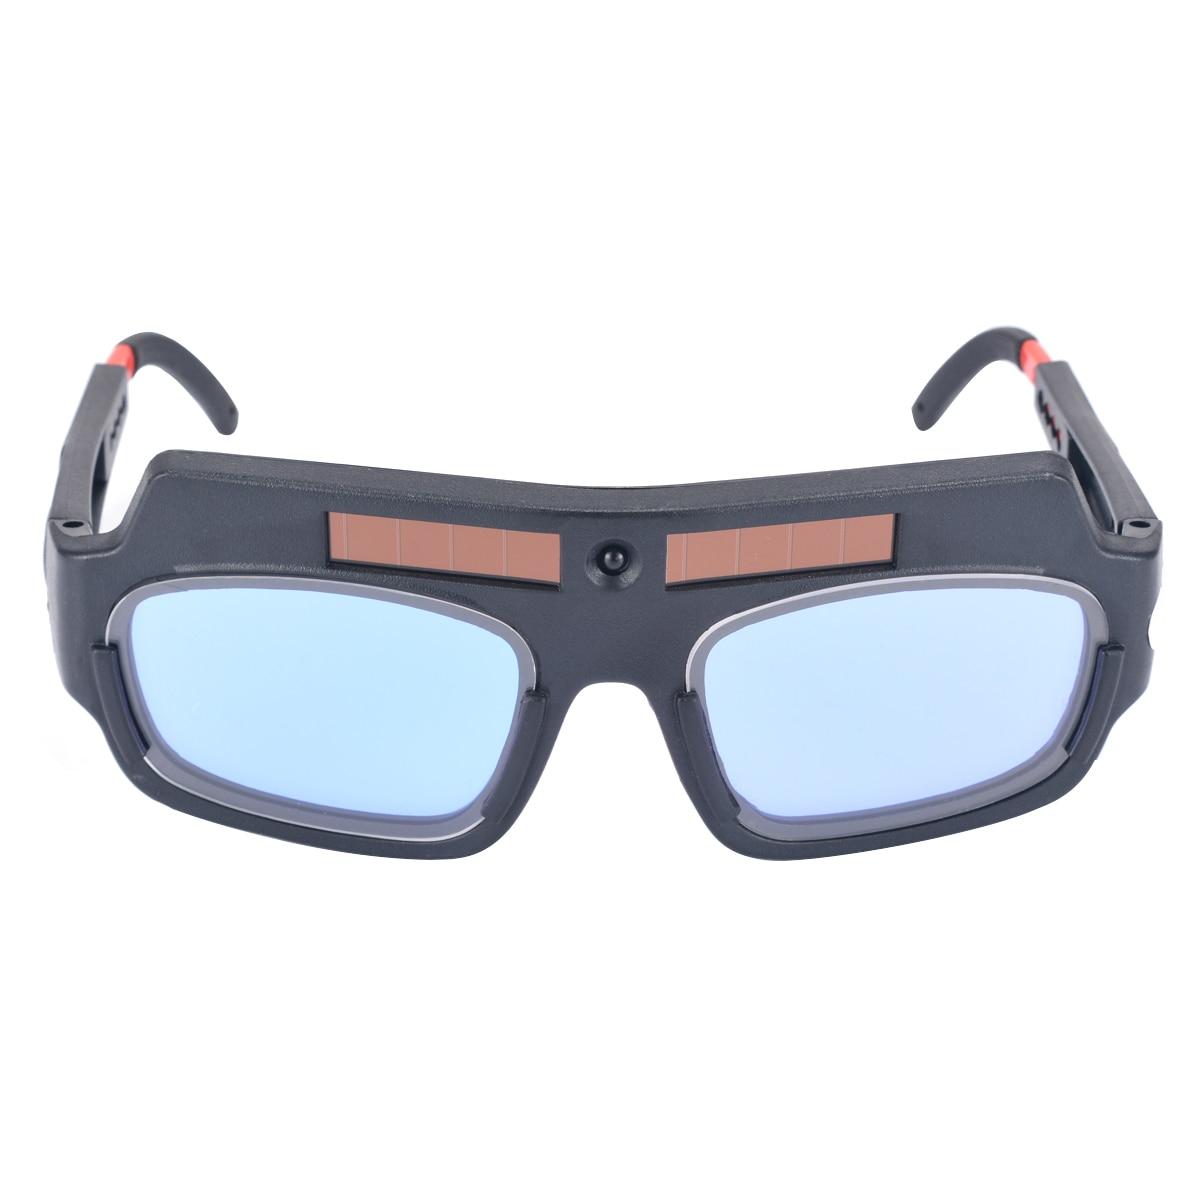 Solar Auto Darkening Welding Glasses Welder welder Eyes Goggle For Welding USA